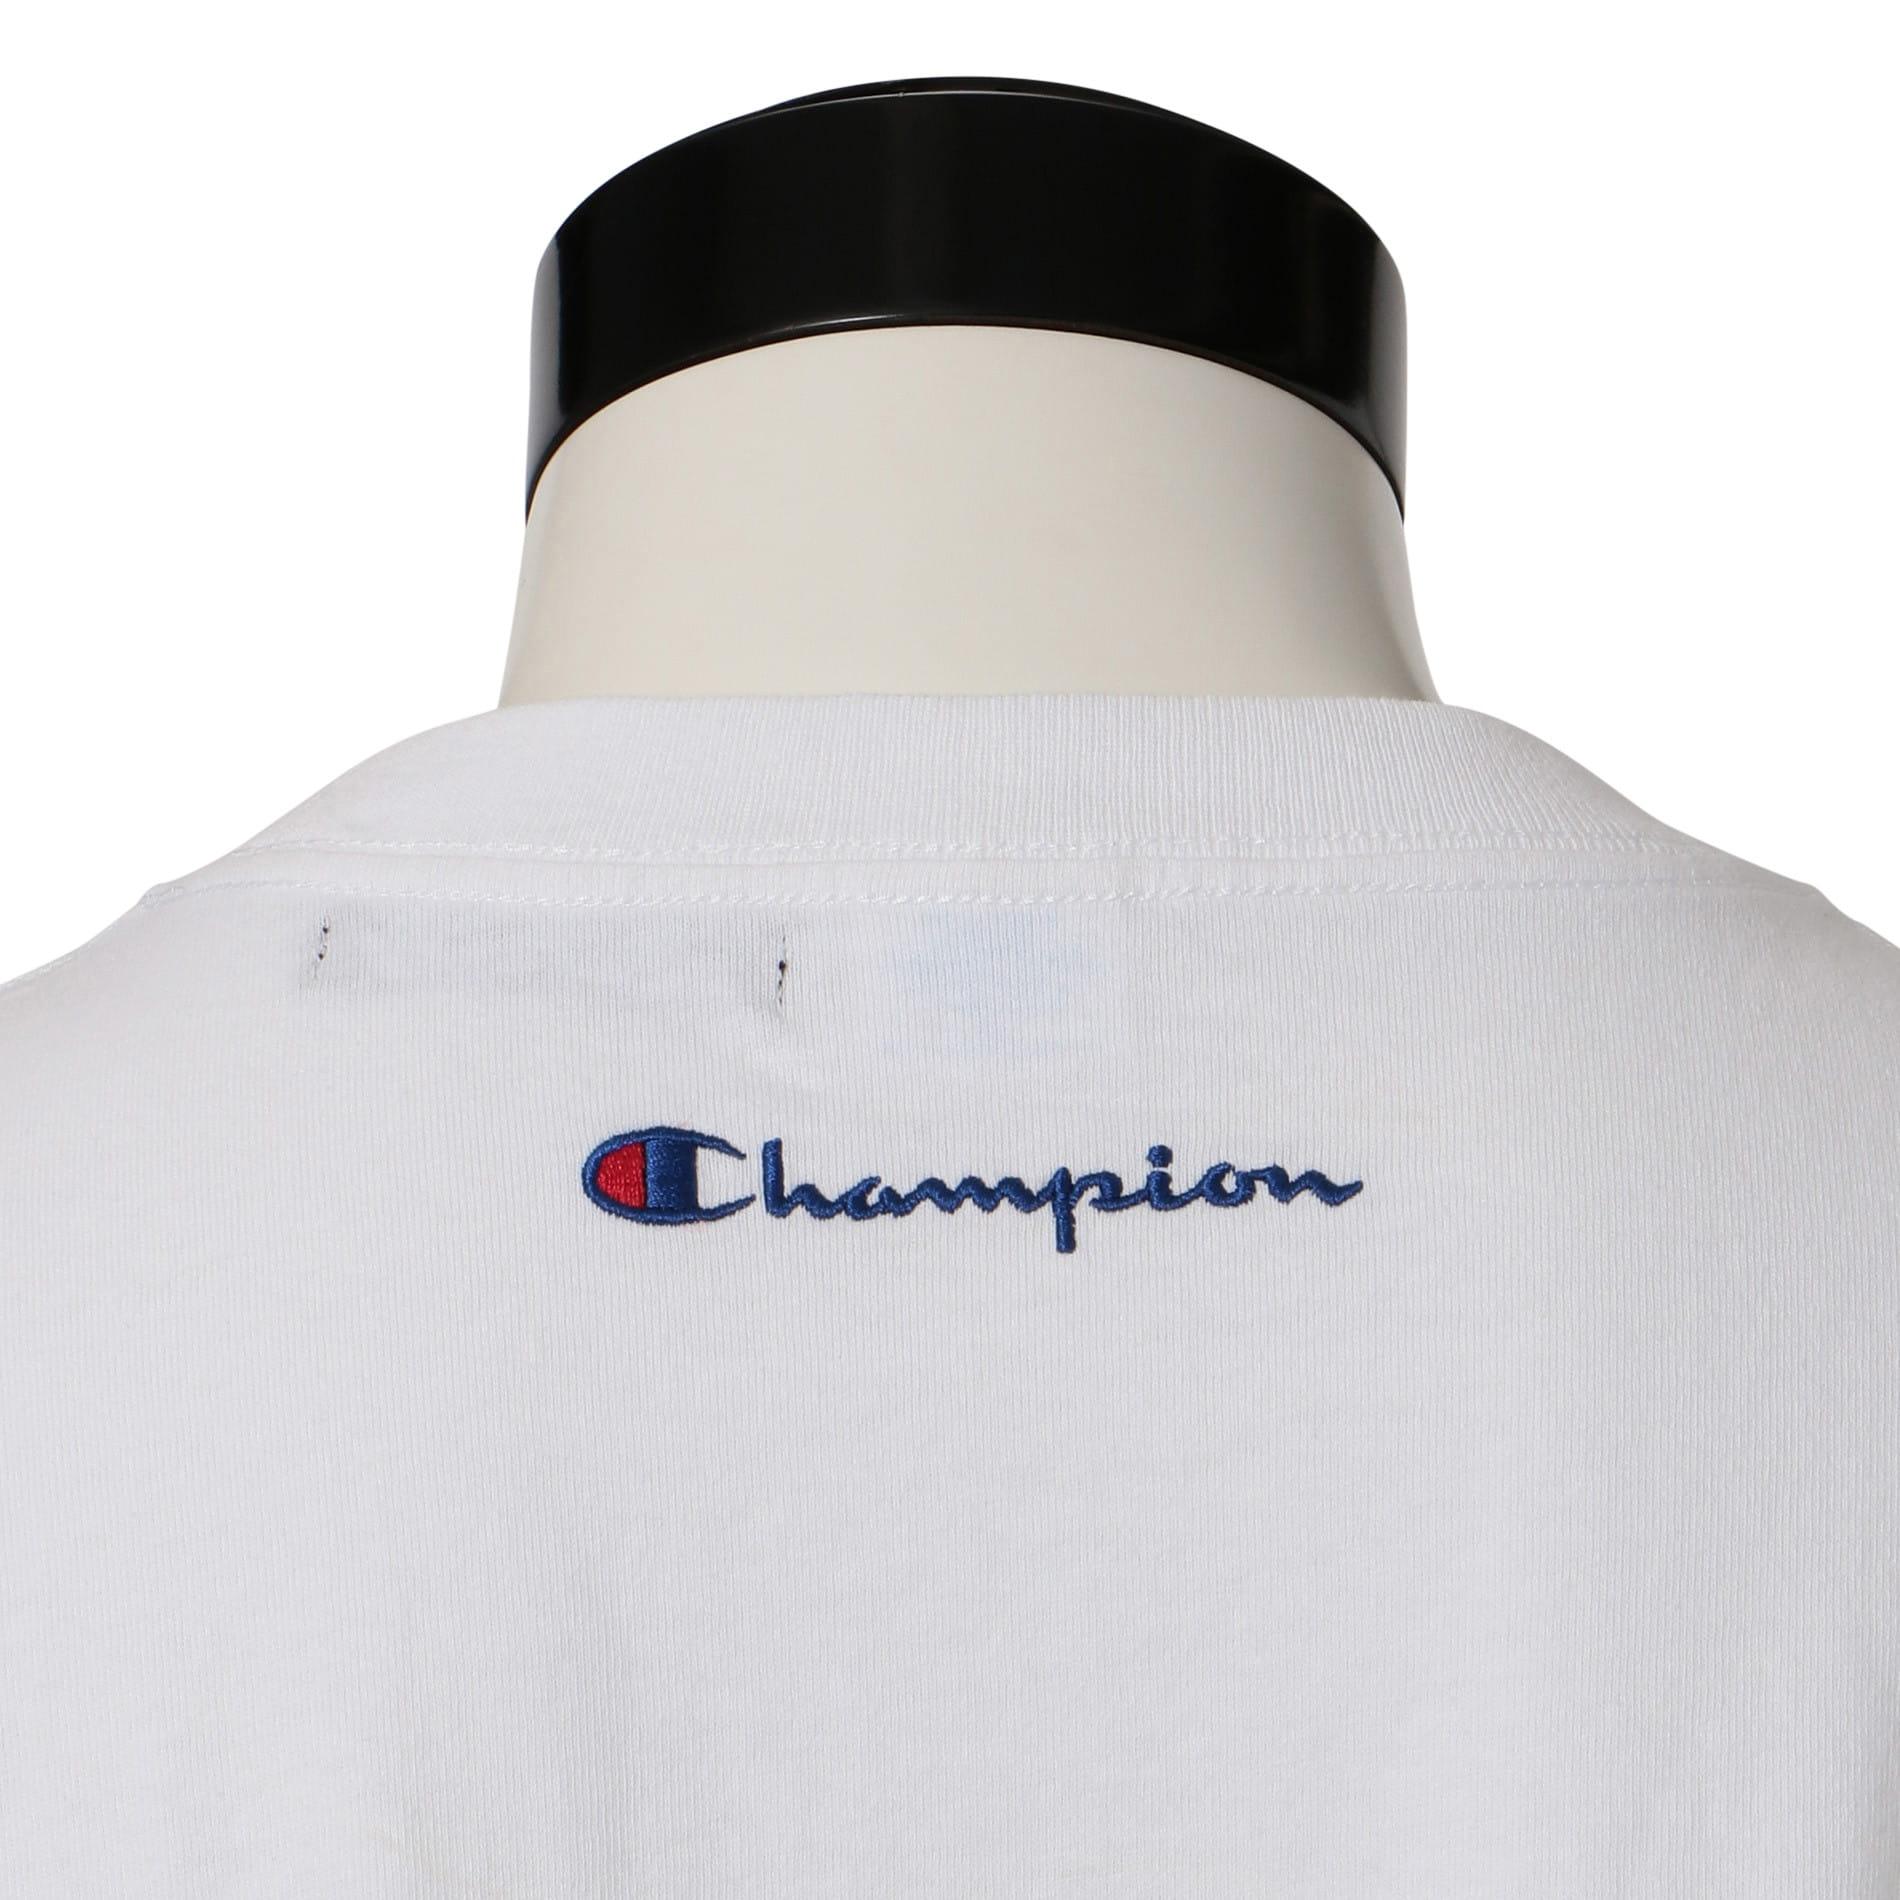 【Champion】MEN 別注ビッグシルエットエンブロイダリーポケットTシャツ